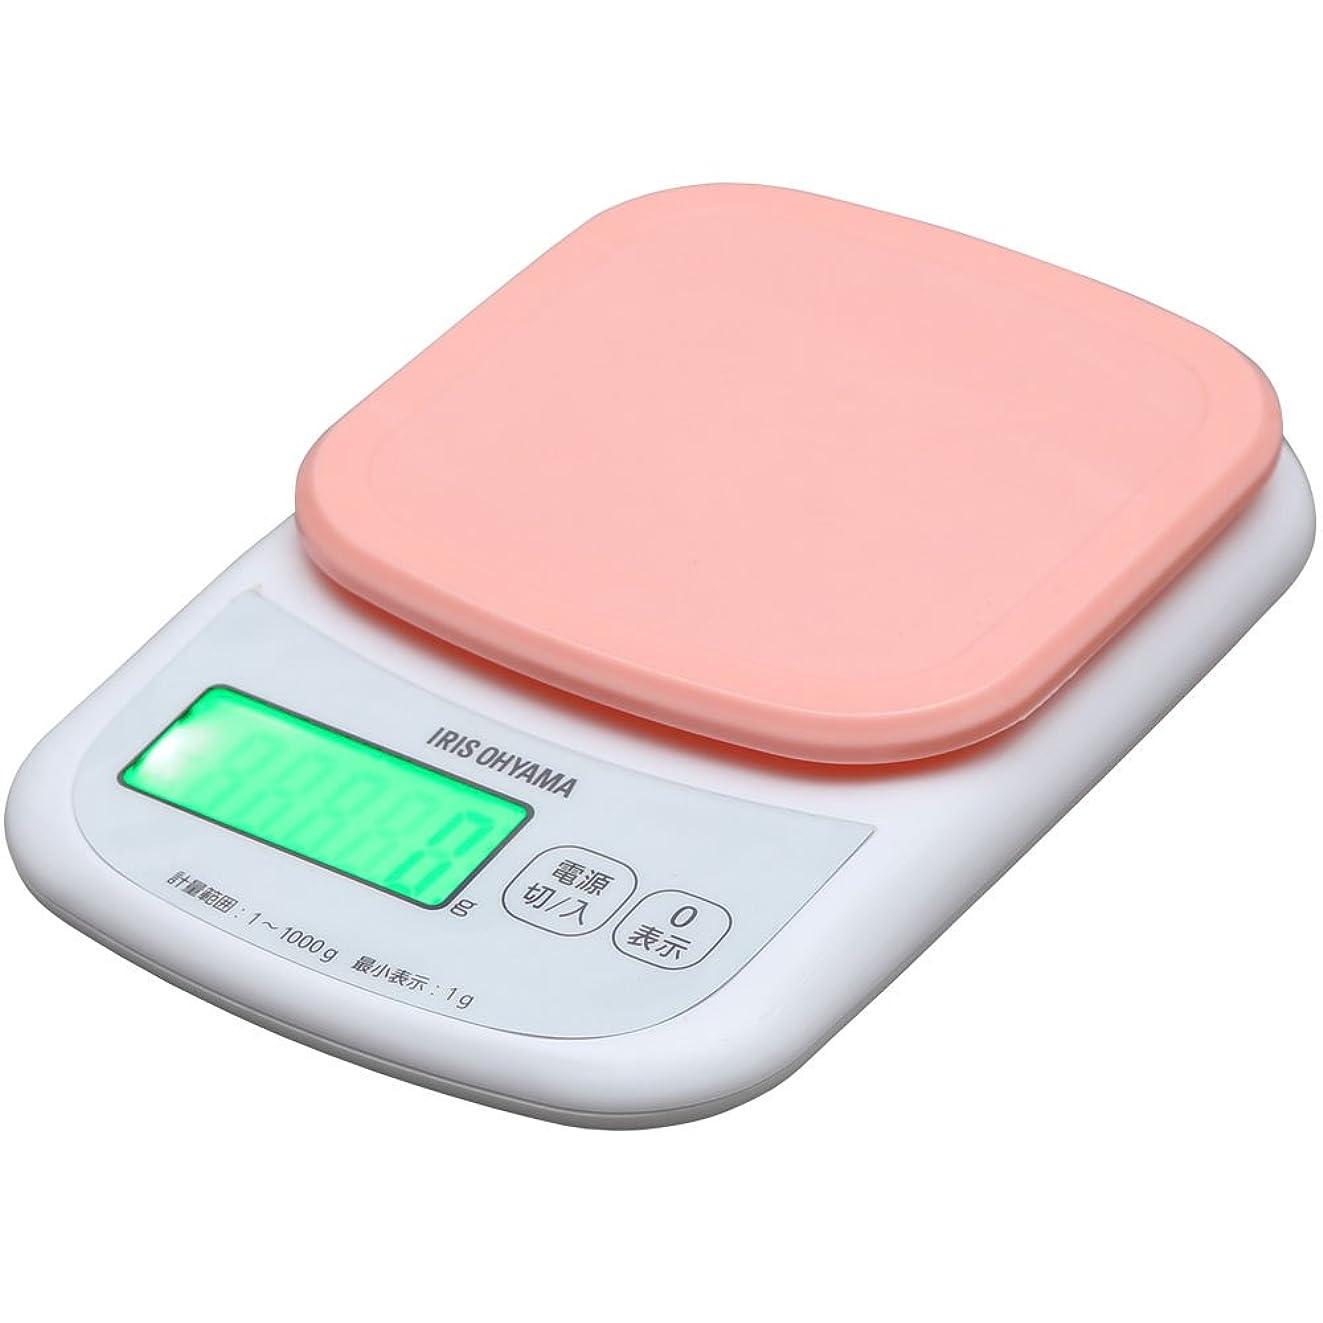 アパート解読するチャンピオンシップアイリスオーヤマ キッチンスケール デジタルタイプ はかり 2kg用 0.1g ピンク バックライト付 料理 PKC-201-P